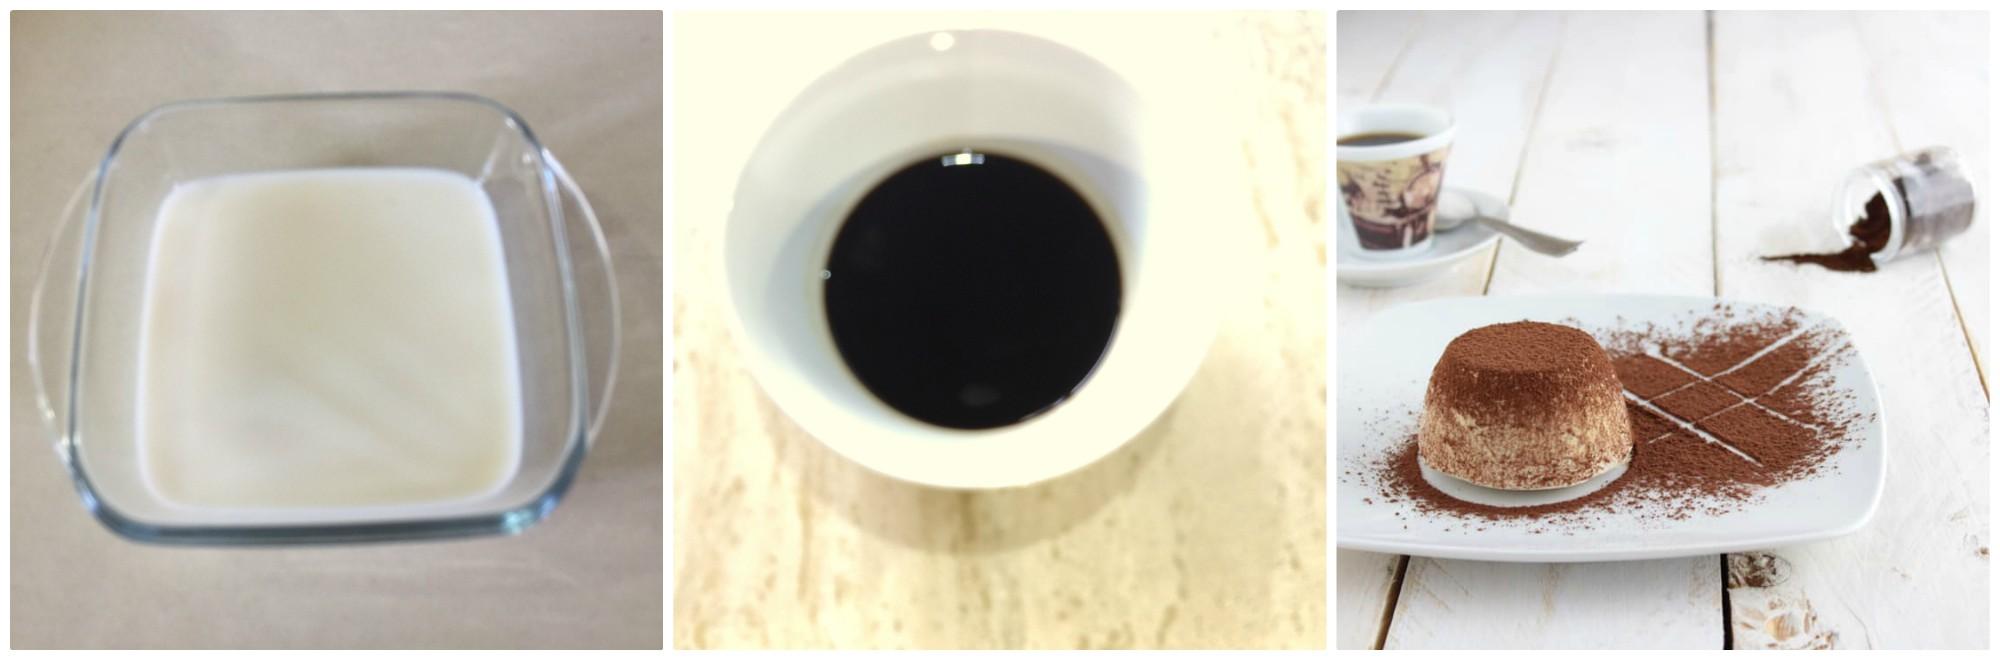 semifreddo al caffè, buono e veloce da preparare